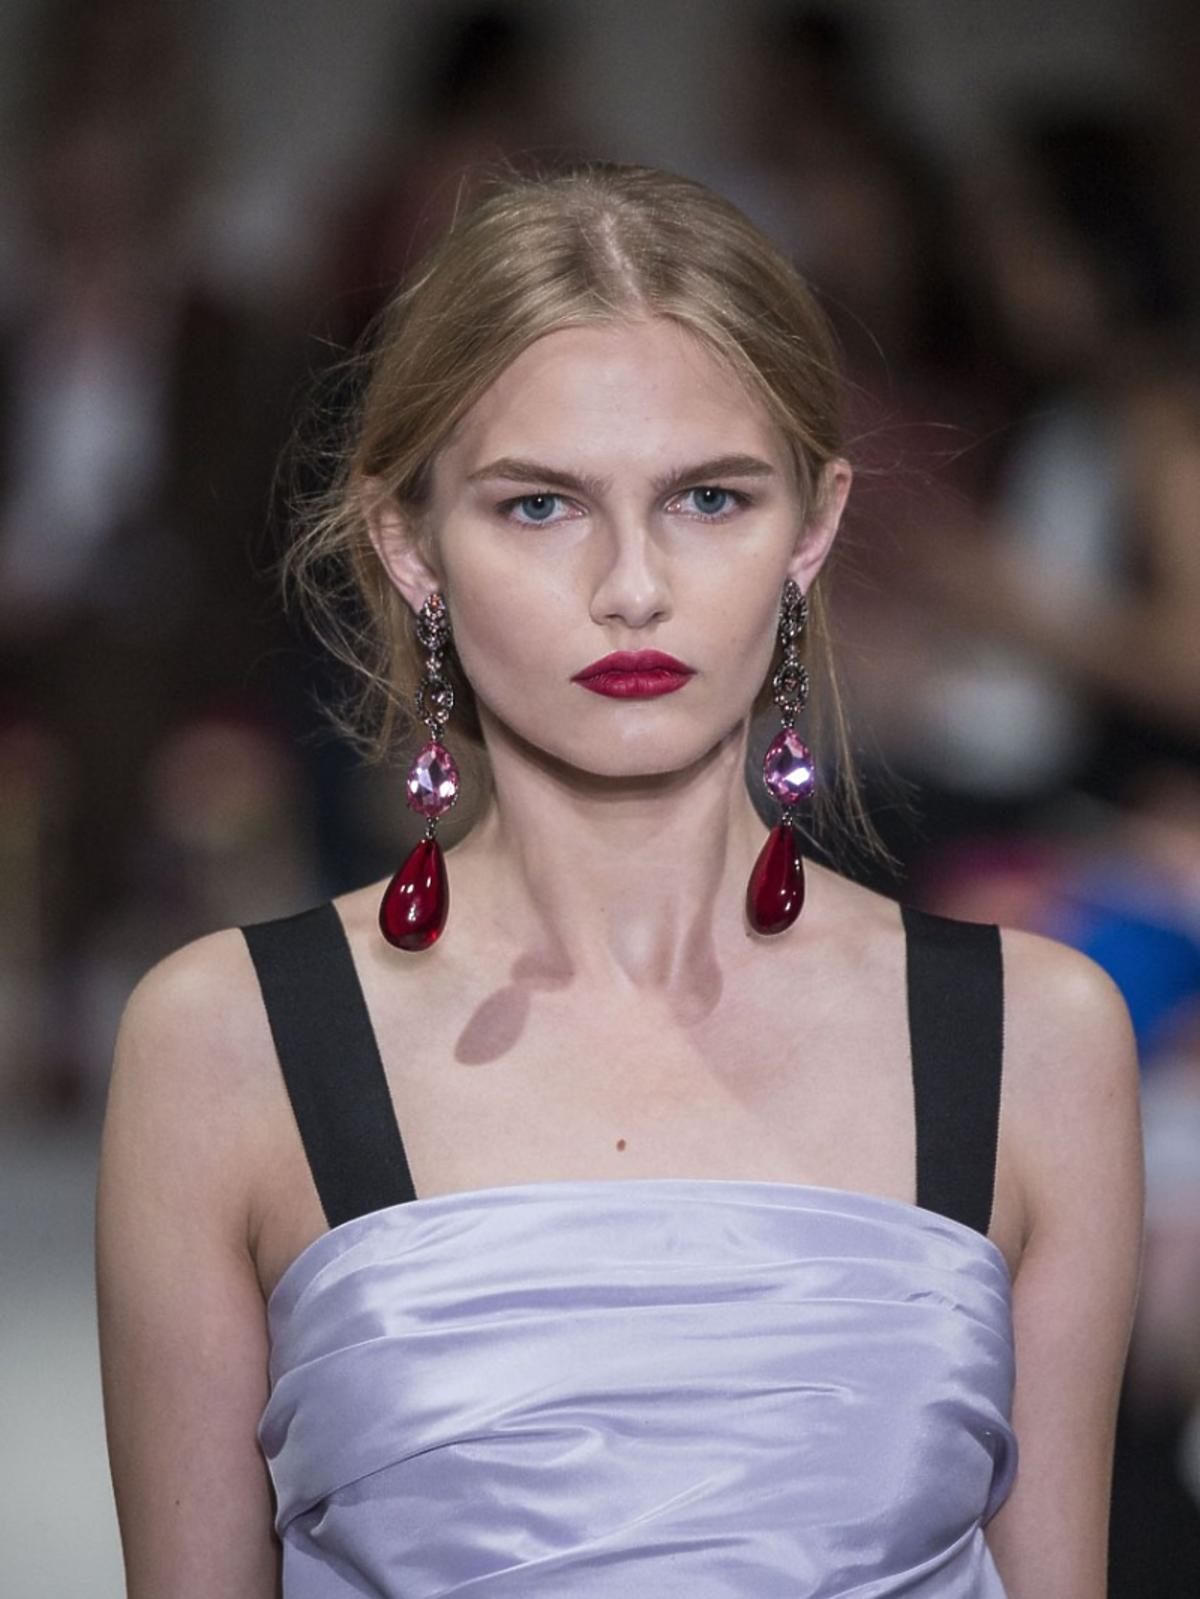 Modelka na pokazie Oscar de la Renta